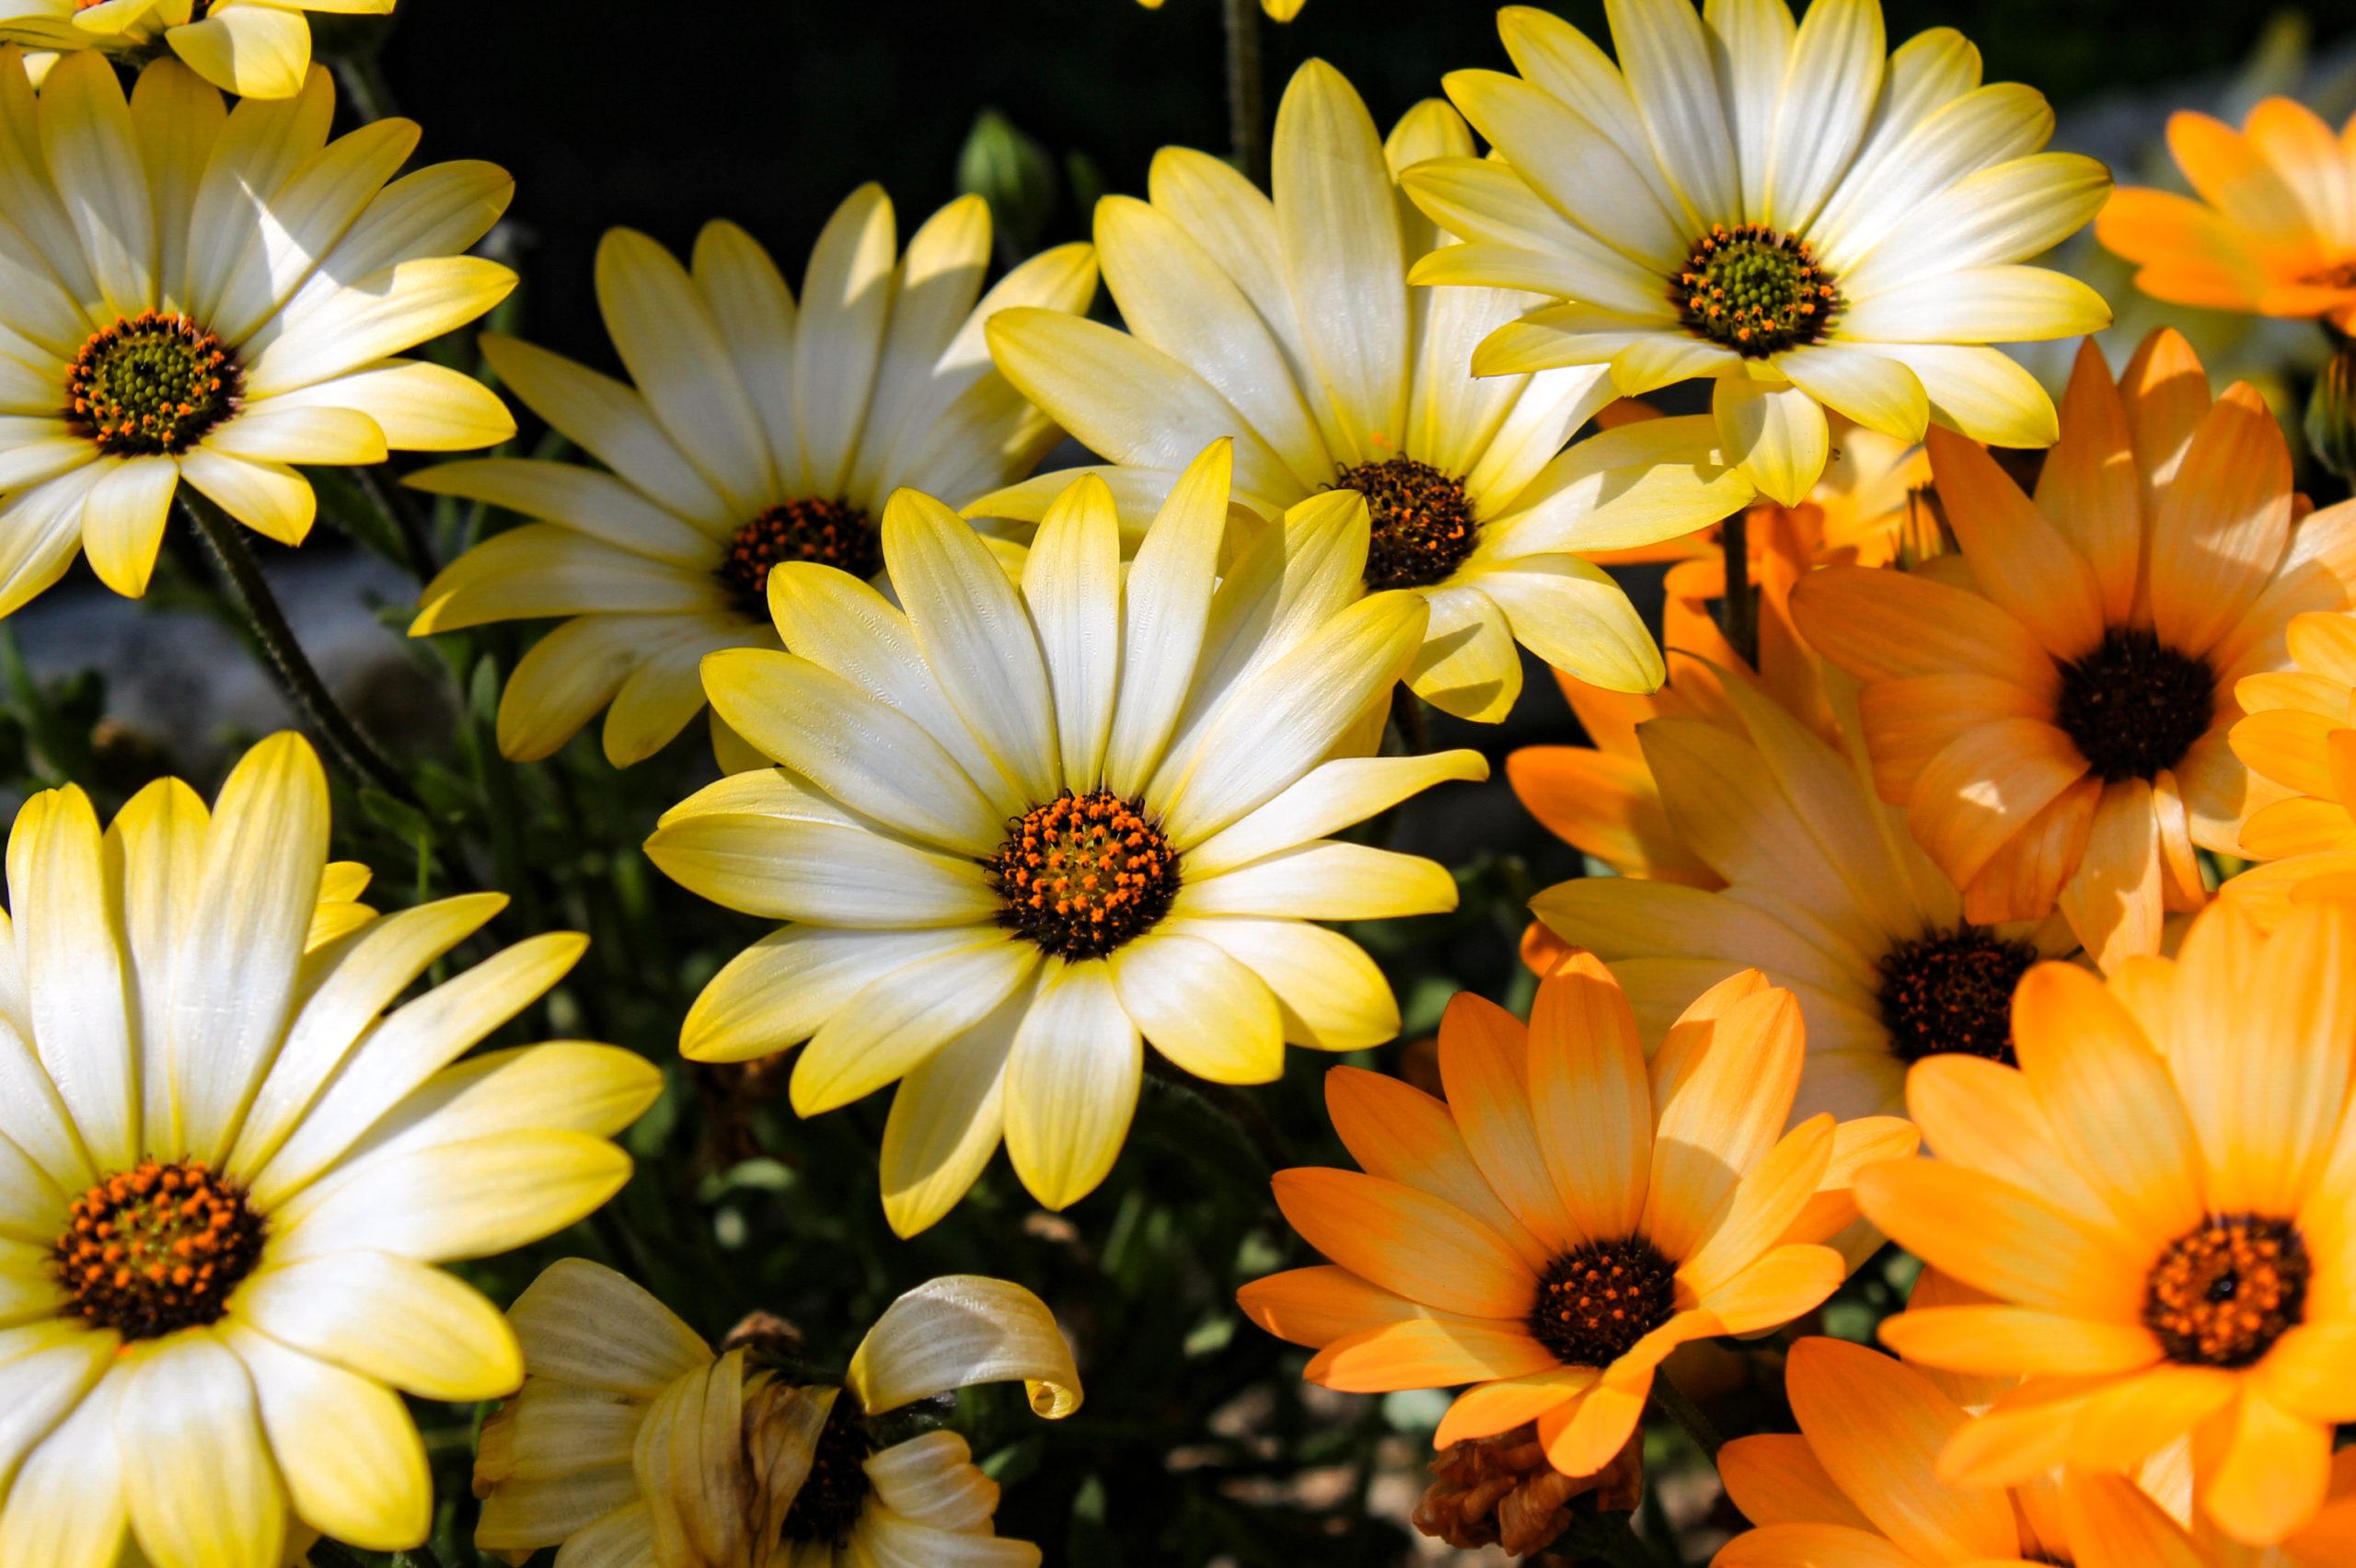 黄色とオレンジ色のデイジー